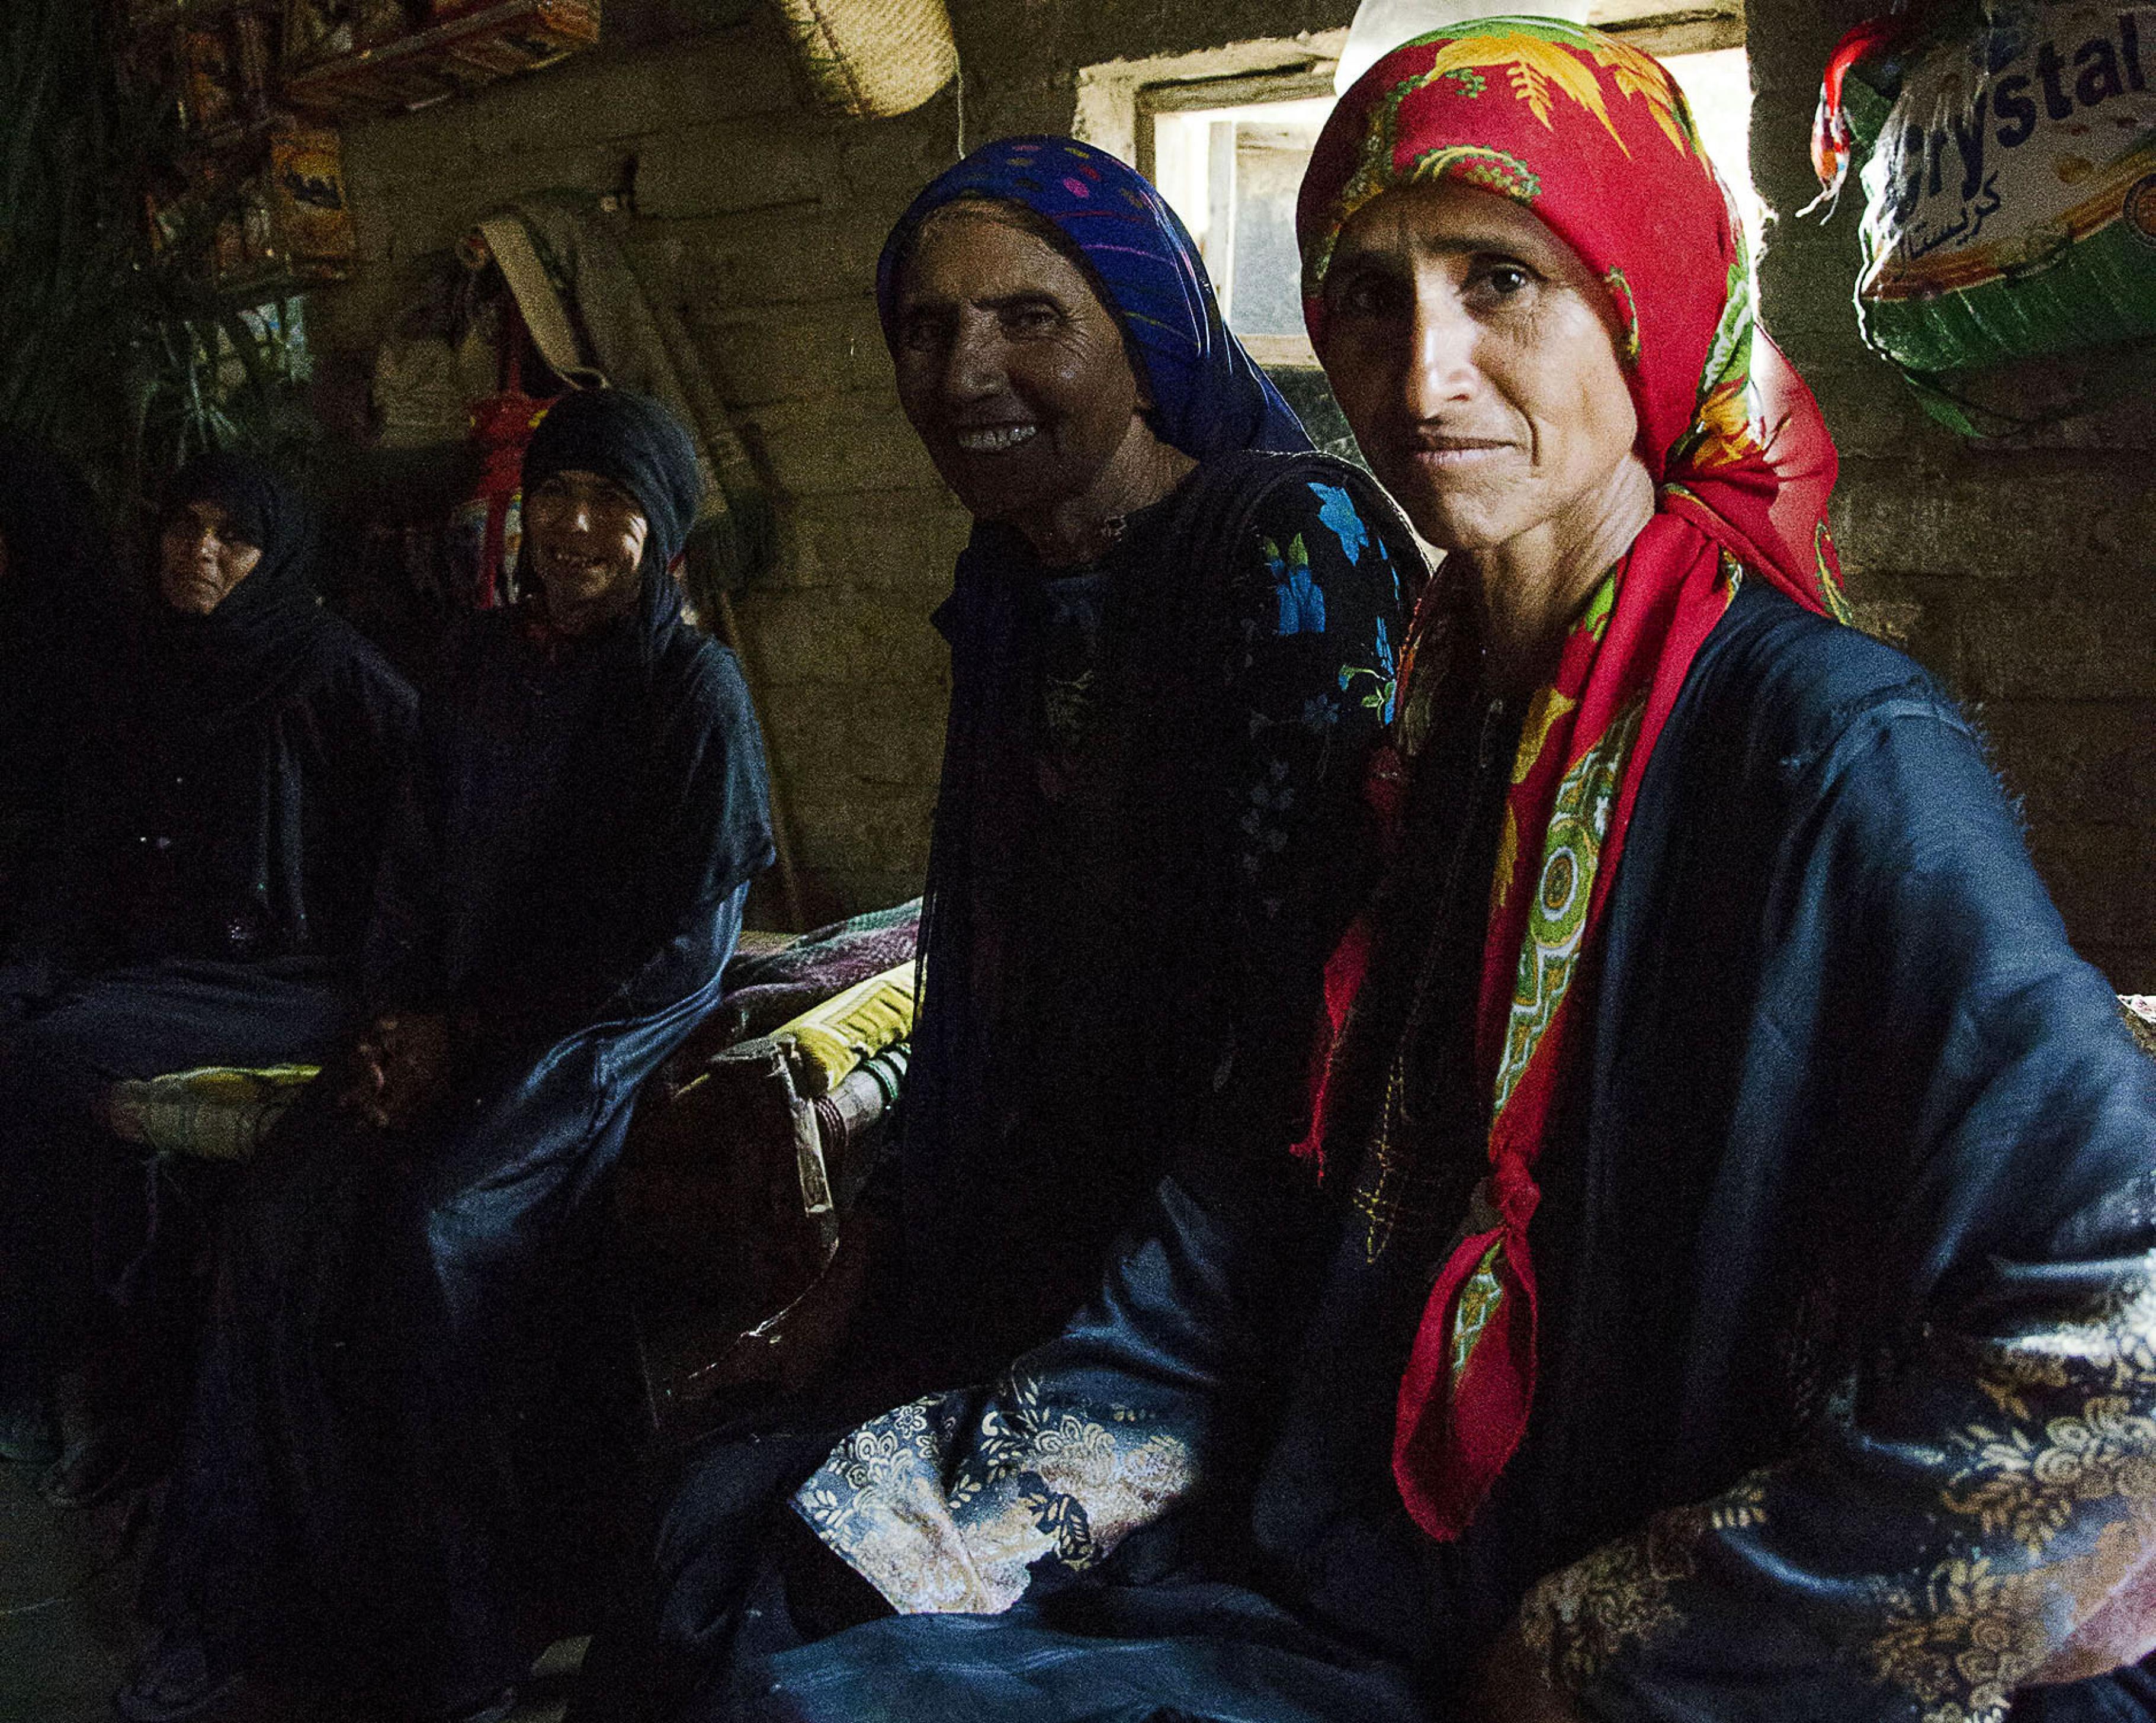 Khamisas Verwandten sitzen gemeinsam in ihrem Zuhause